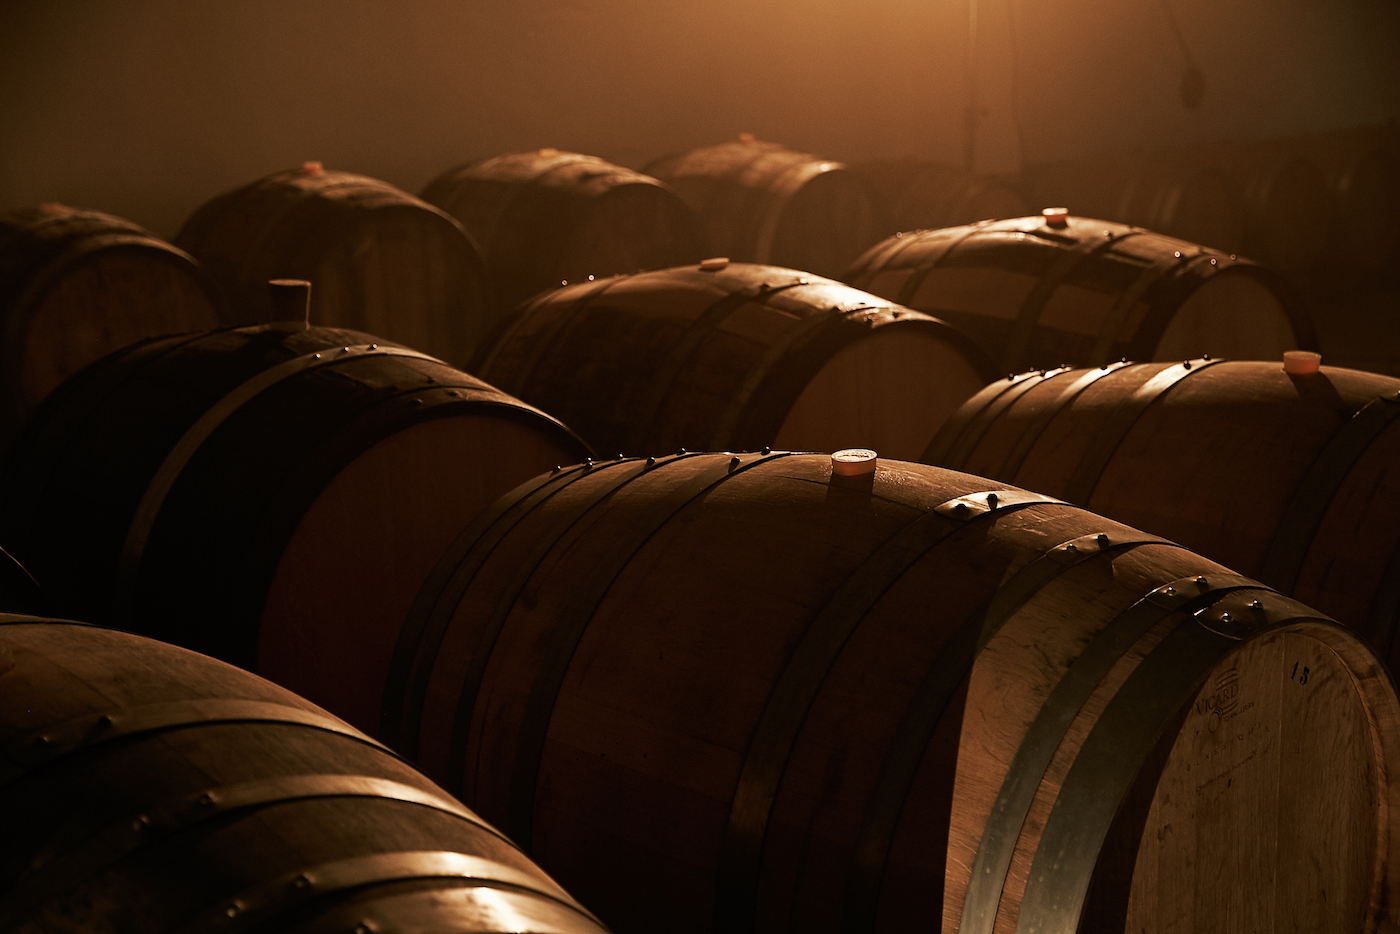 Cuvèe Sensorium stellt ersten Champagner in Porzellanflasche vor 2